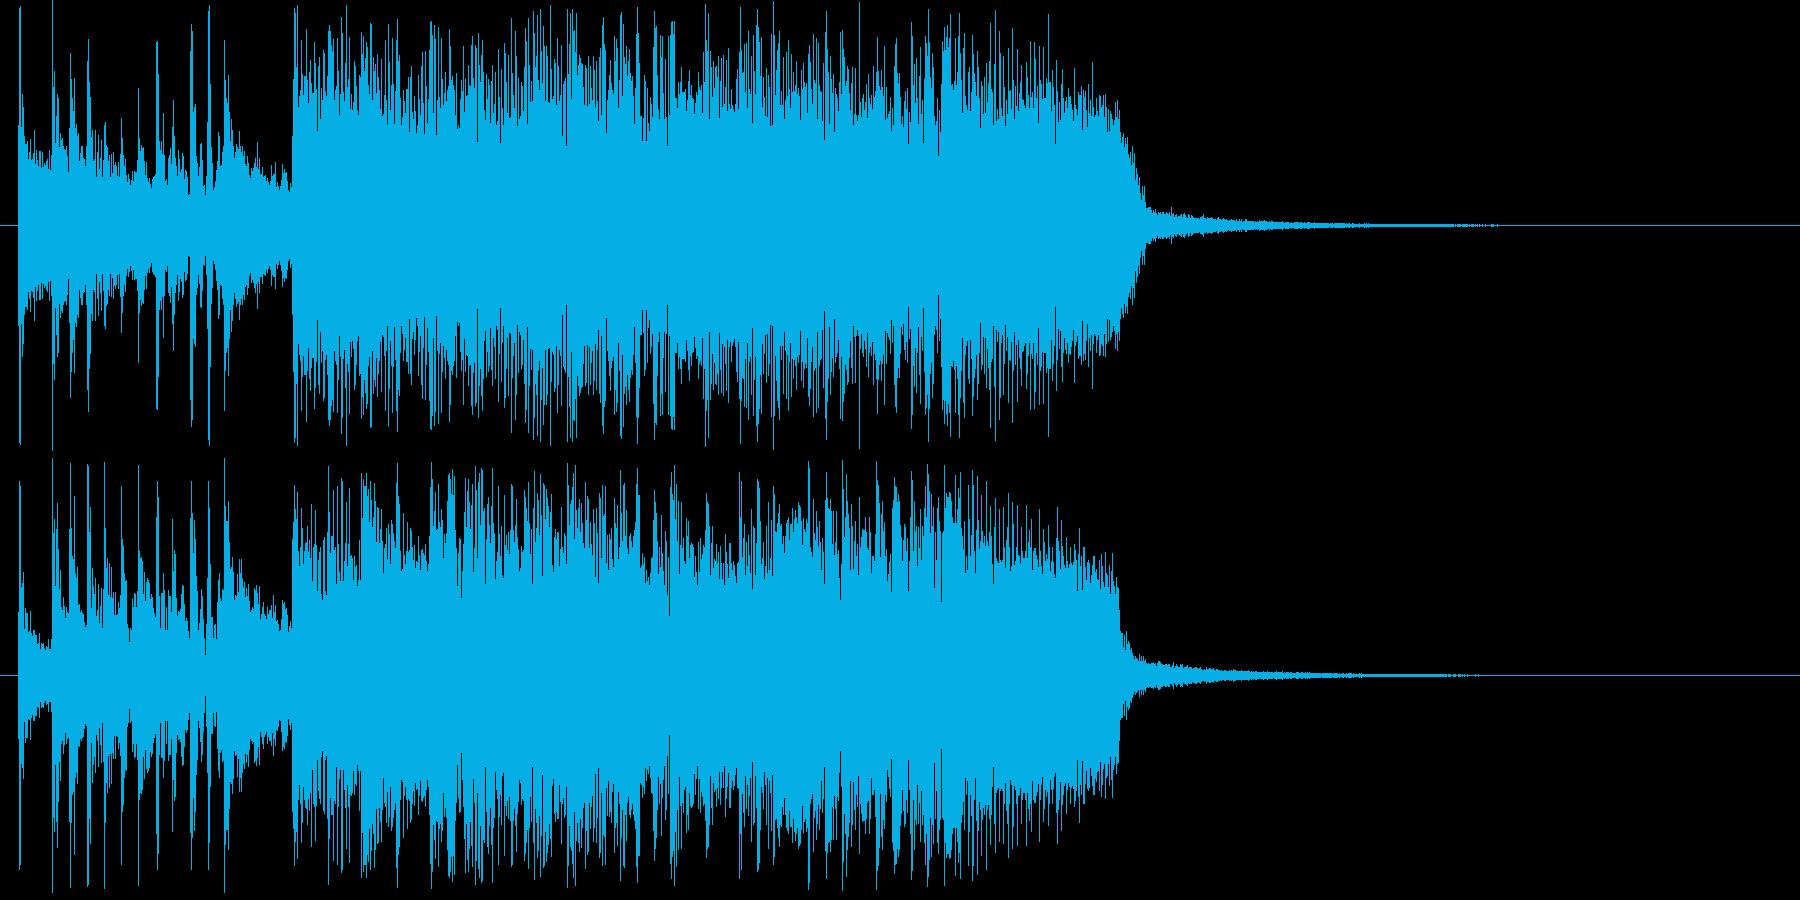 盛大なギターバンドジングル短めの再生済みの波形